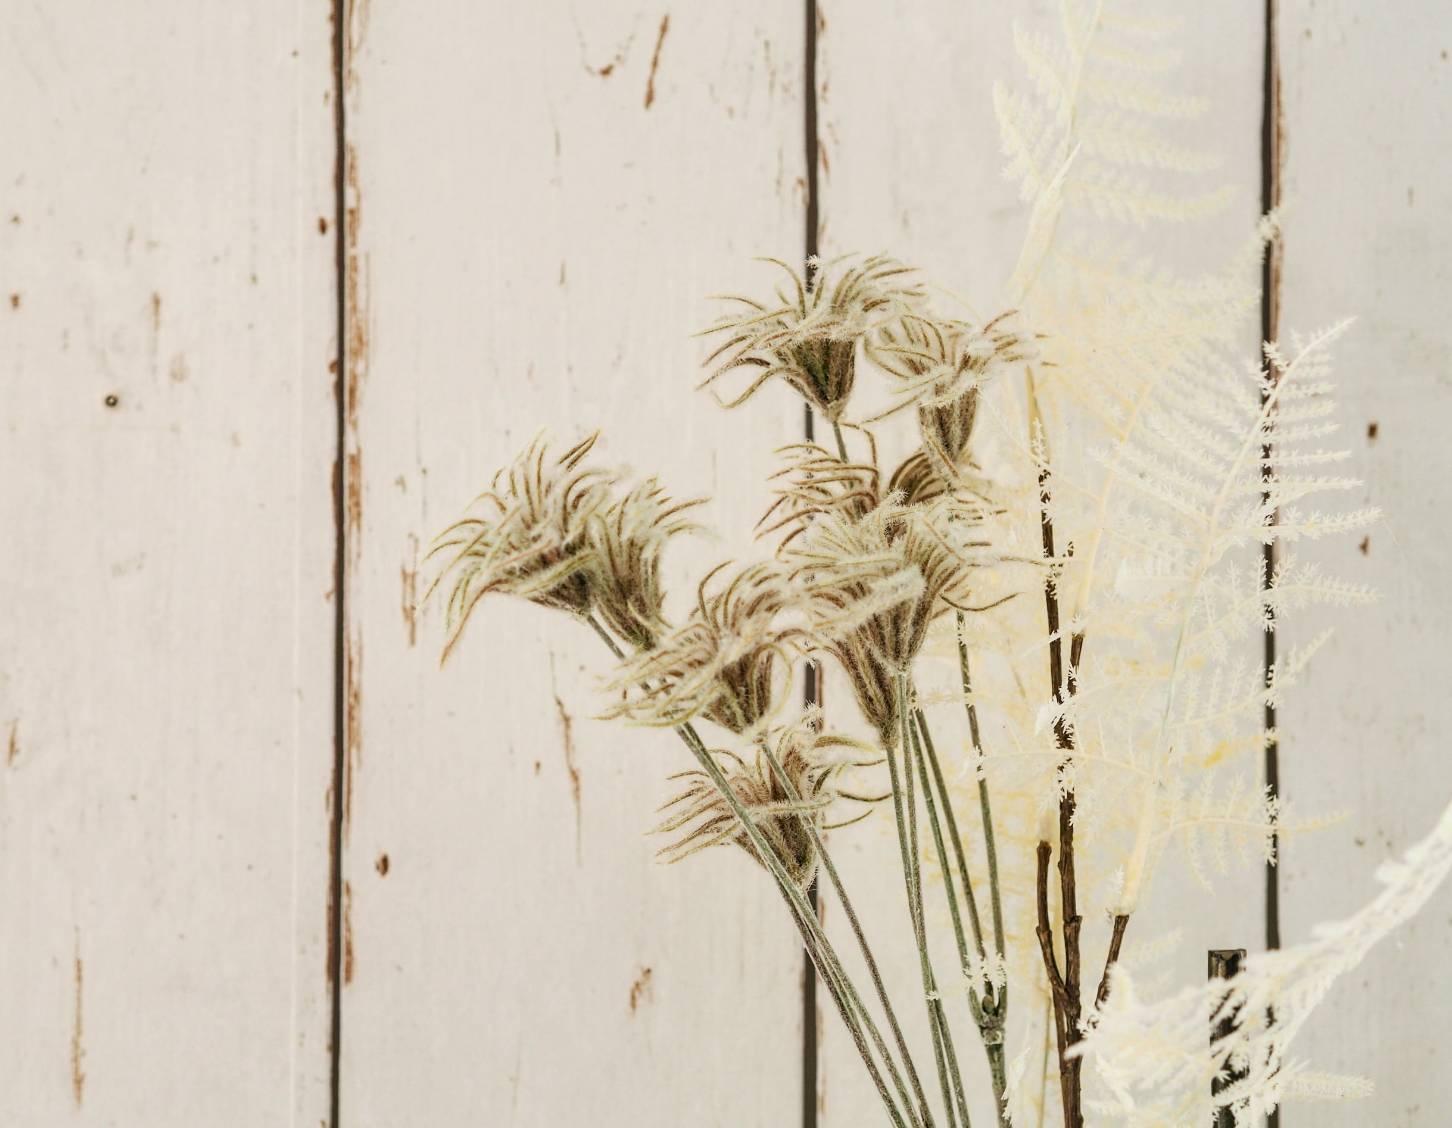 アスパラガスの白い葉っぱ